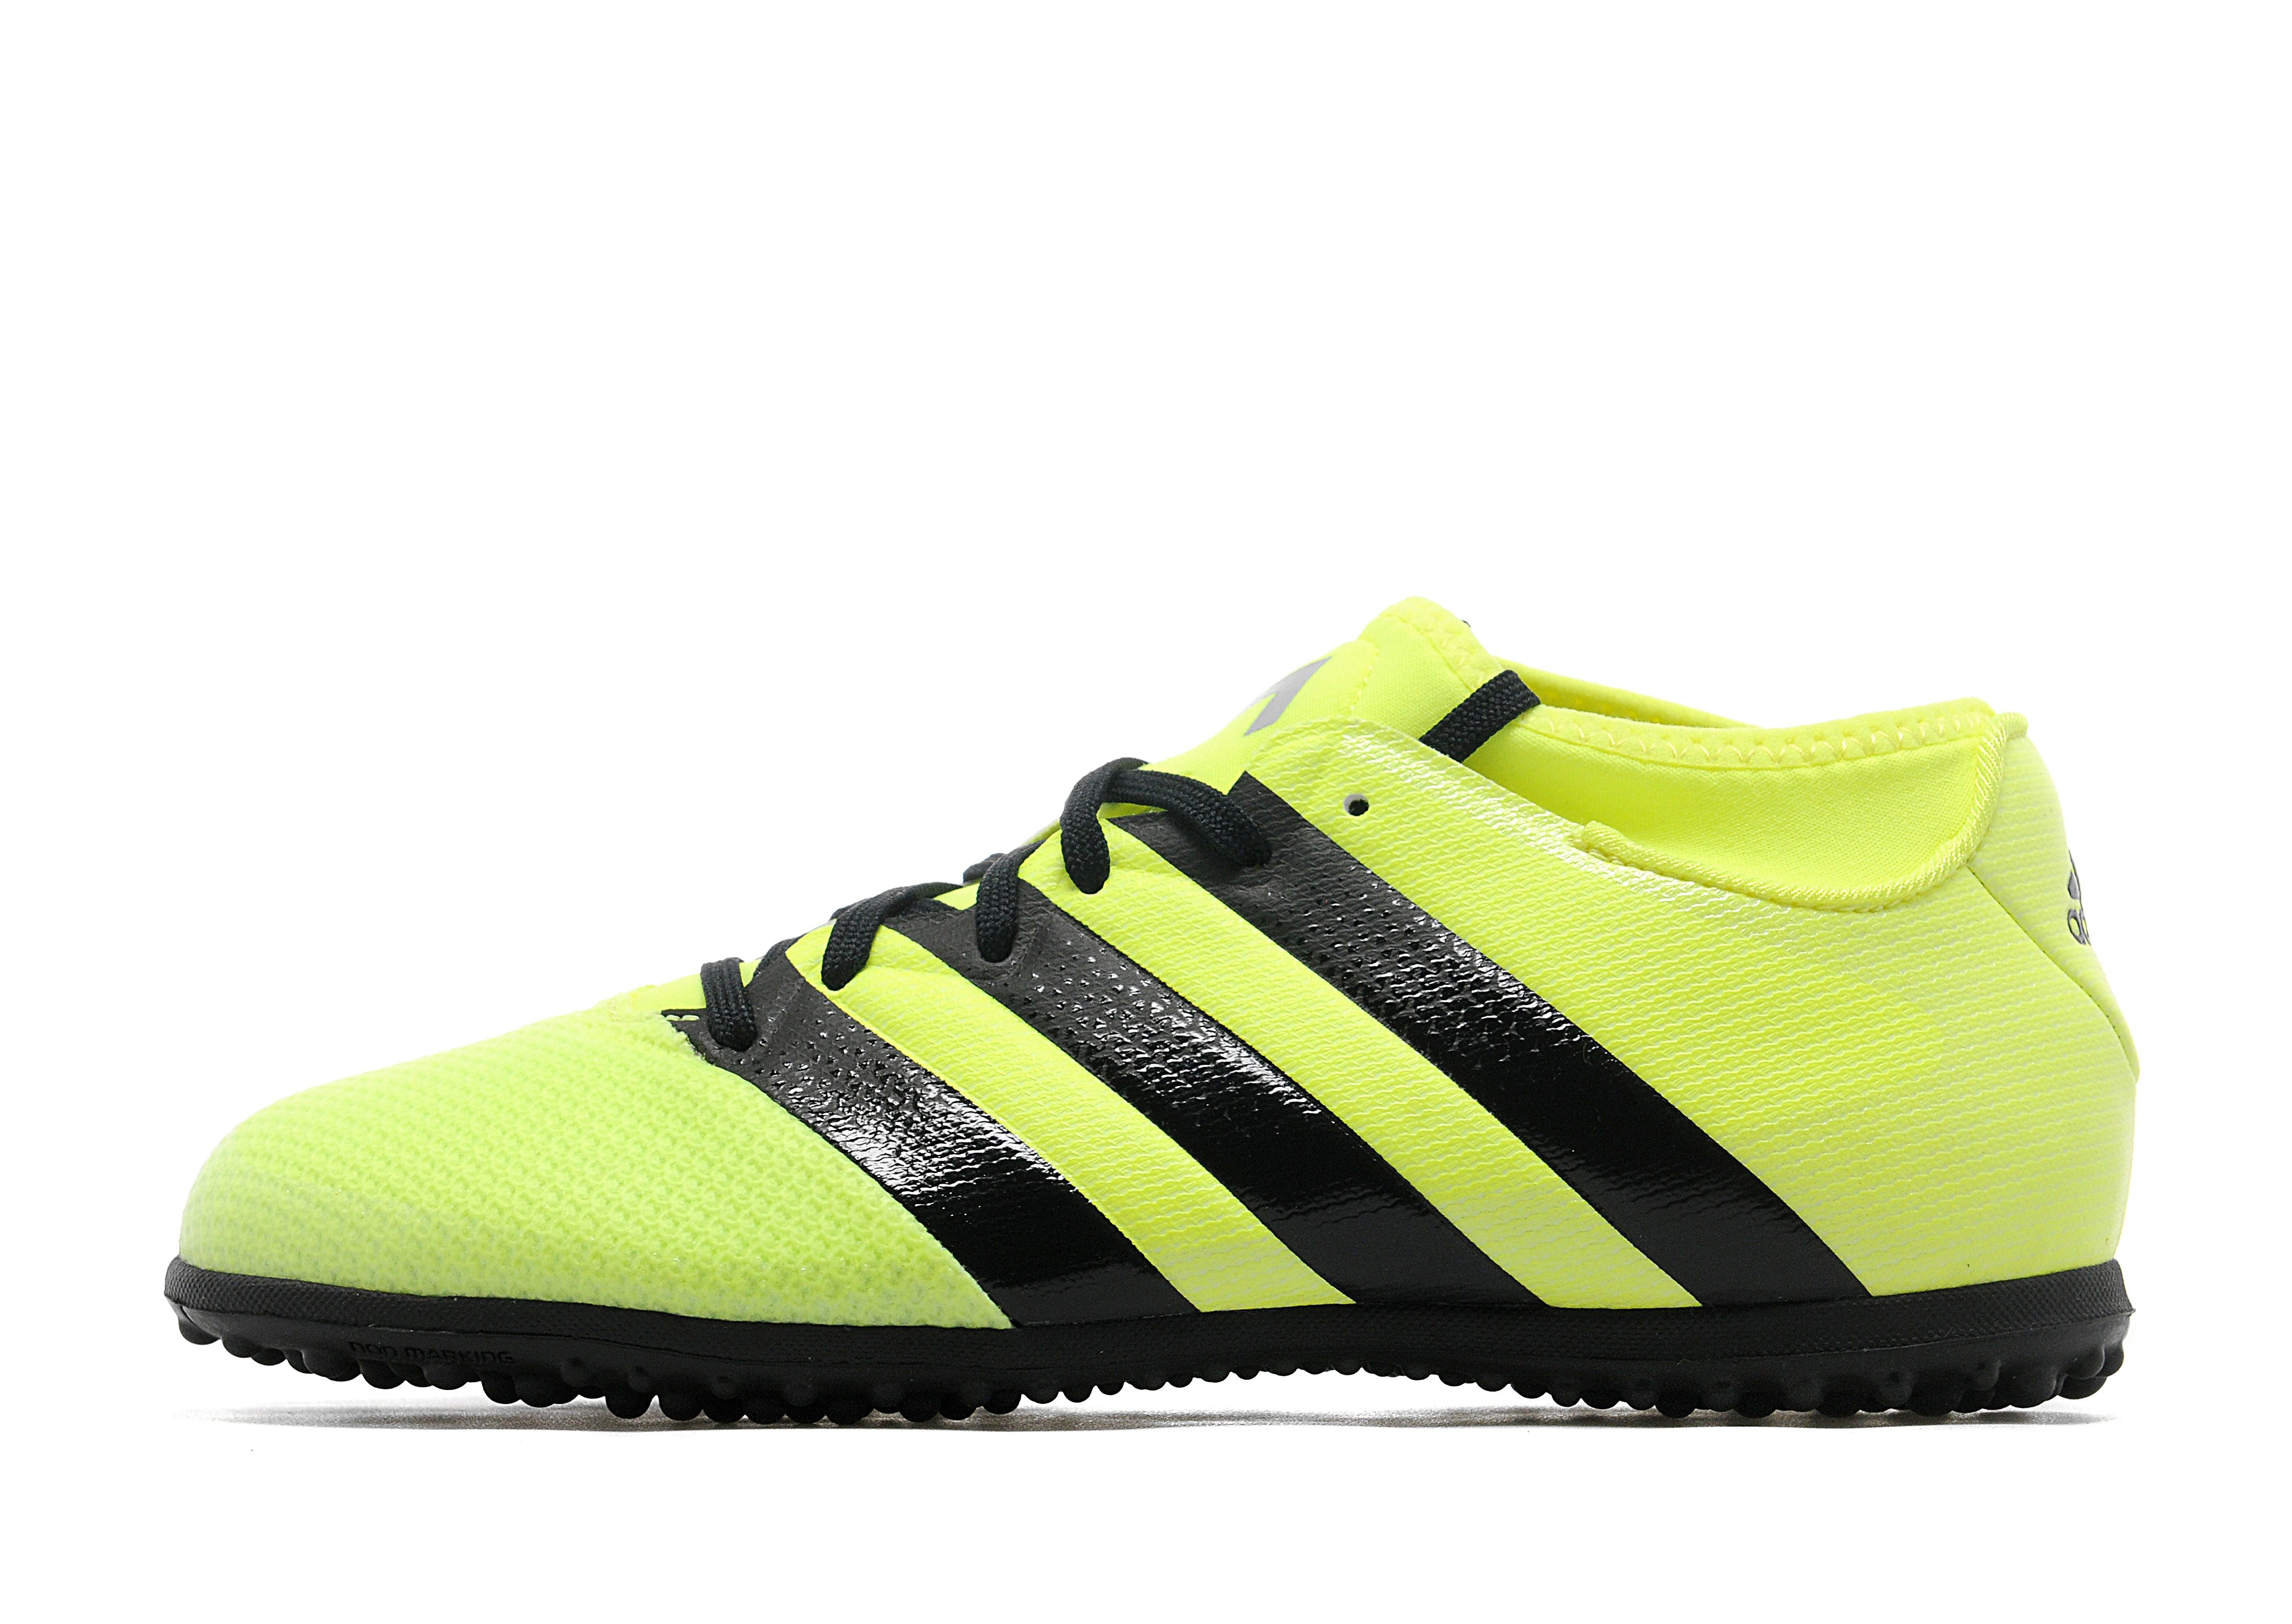 adidas Ace 16.3 Turf-voetbalschoen voor tieners